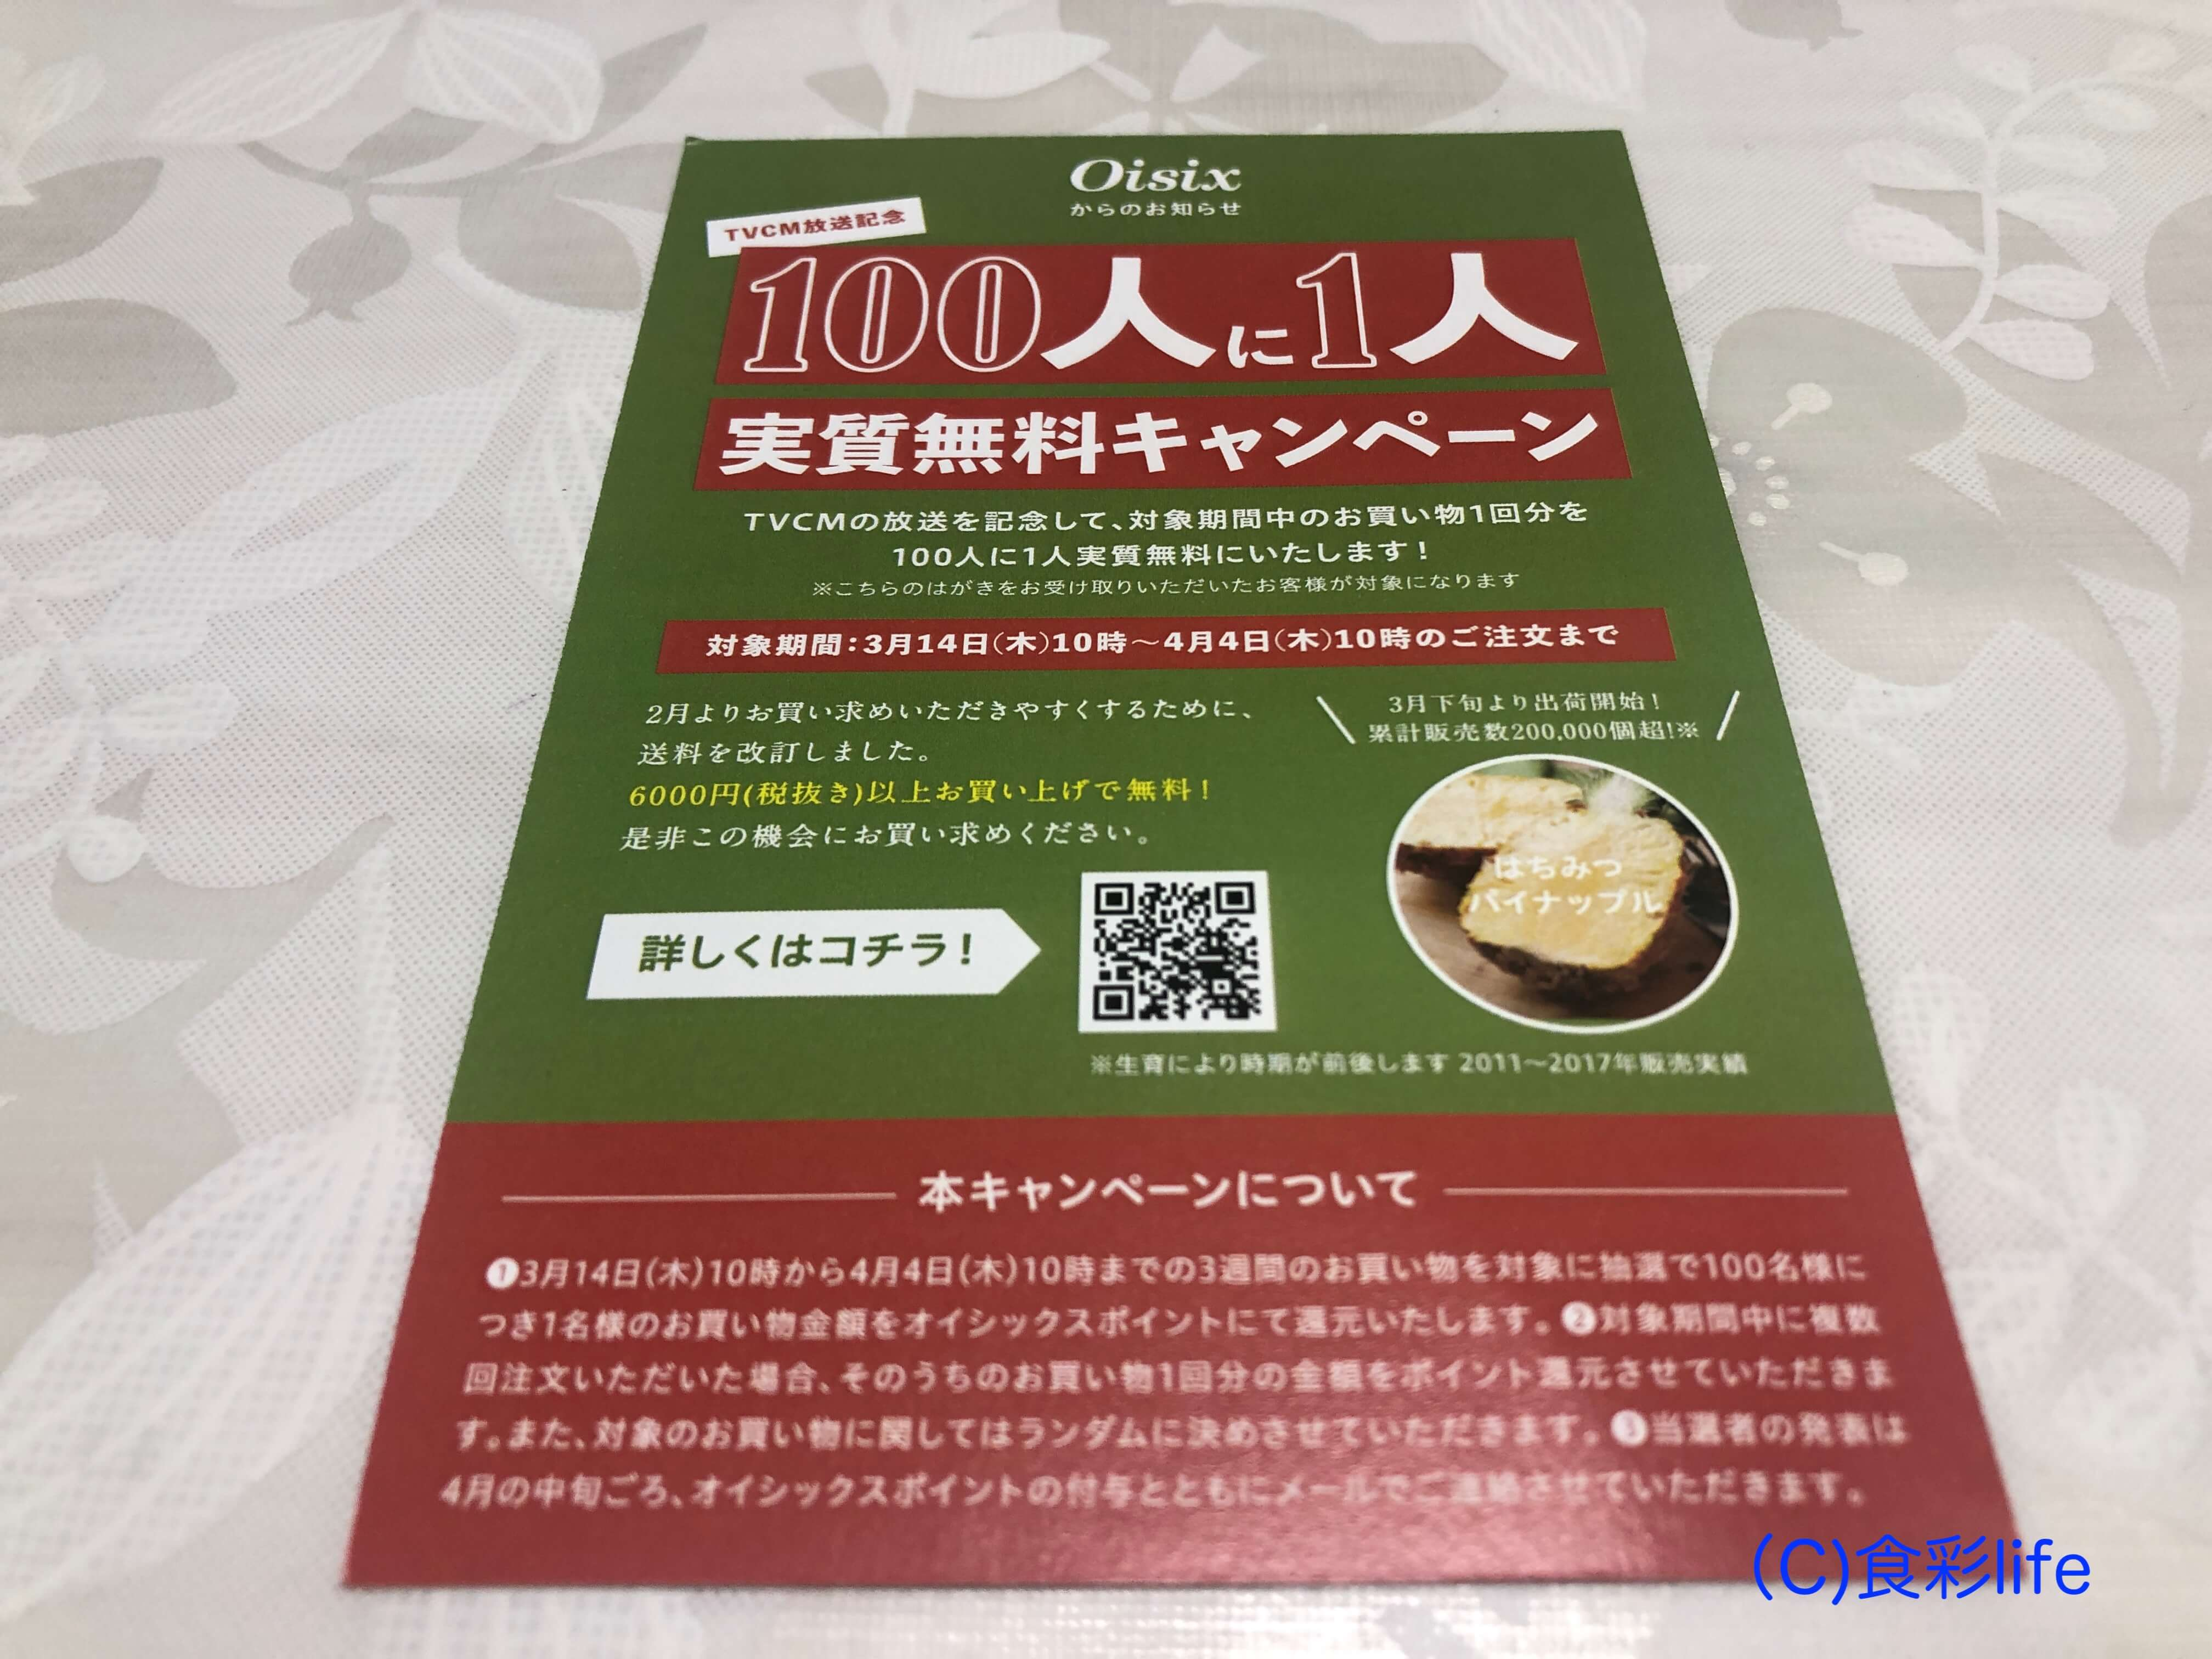 オイシックス TVCM キャンペーン 手紙②